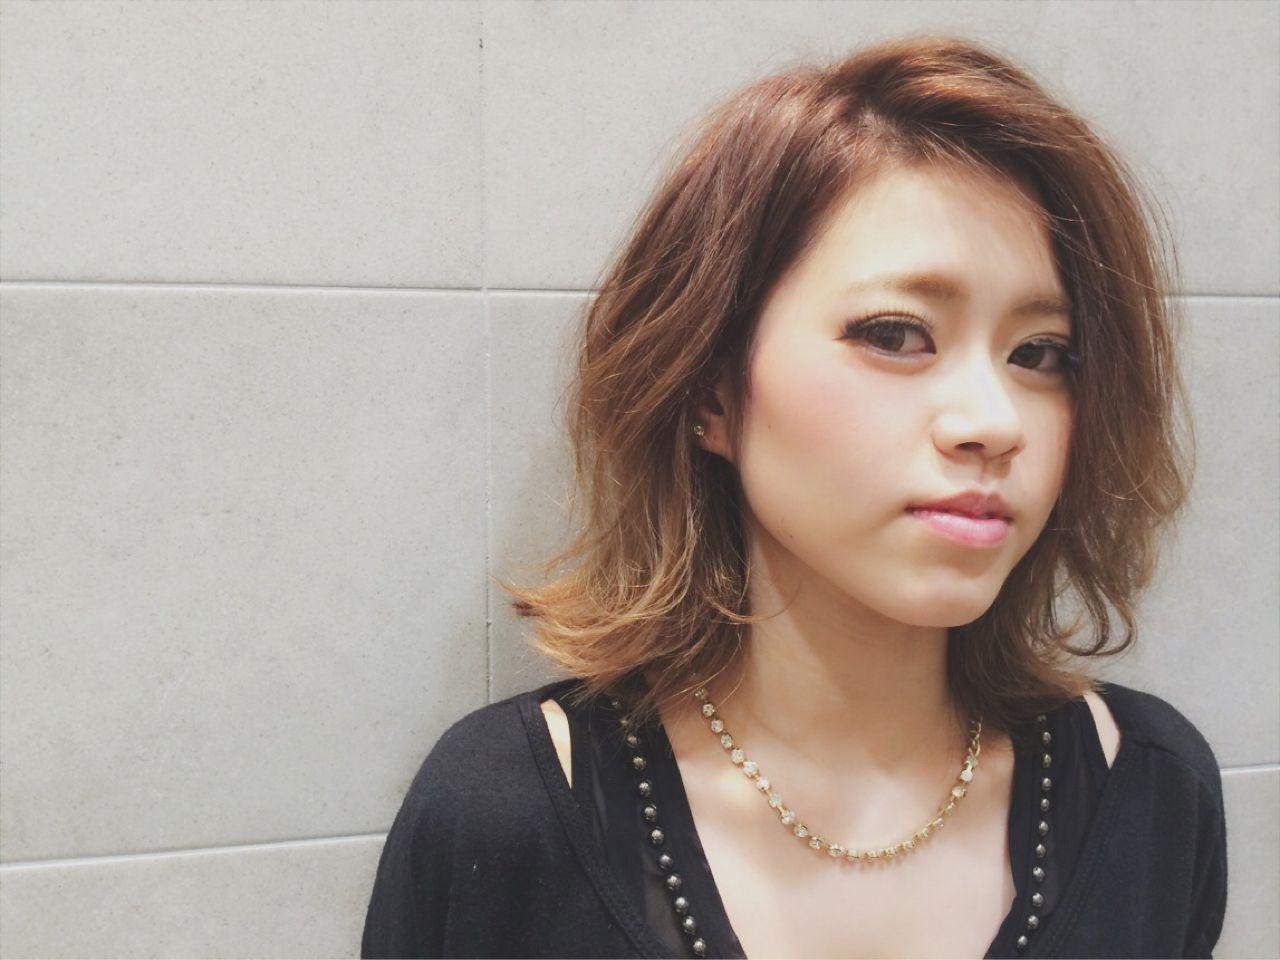 ミディアム ストリート グラデーションカラー 外国人風 ヘアスタイルや髪型の写真・画像